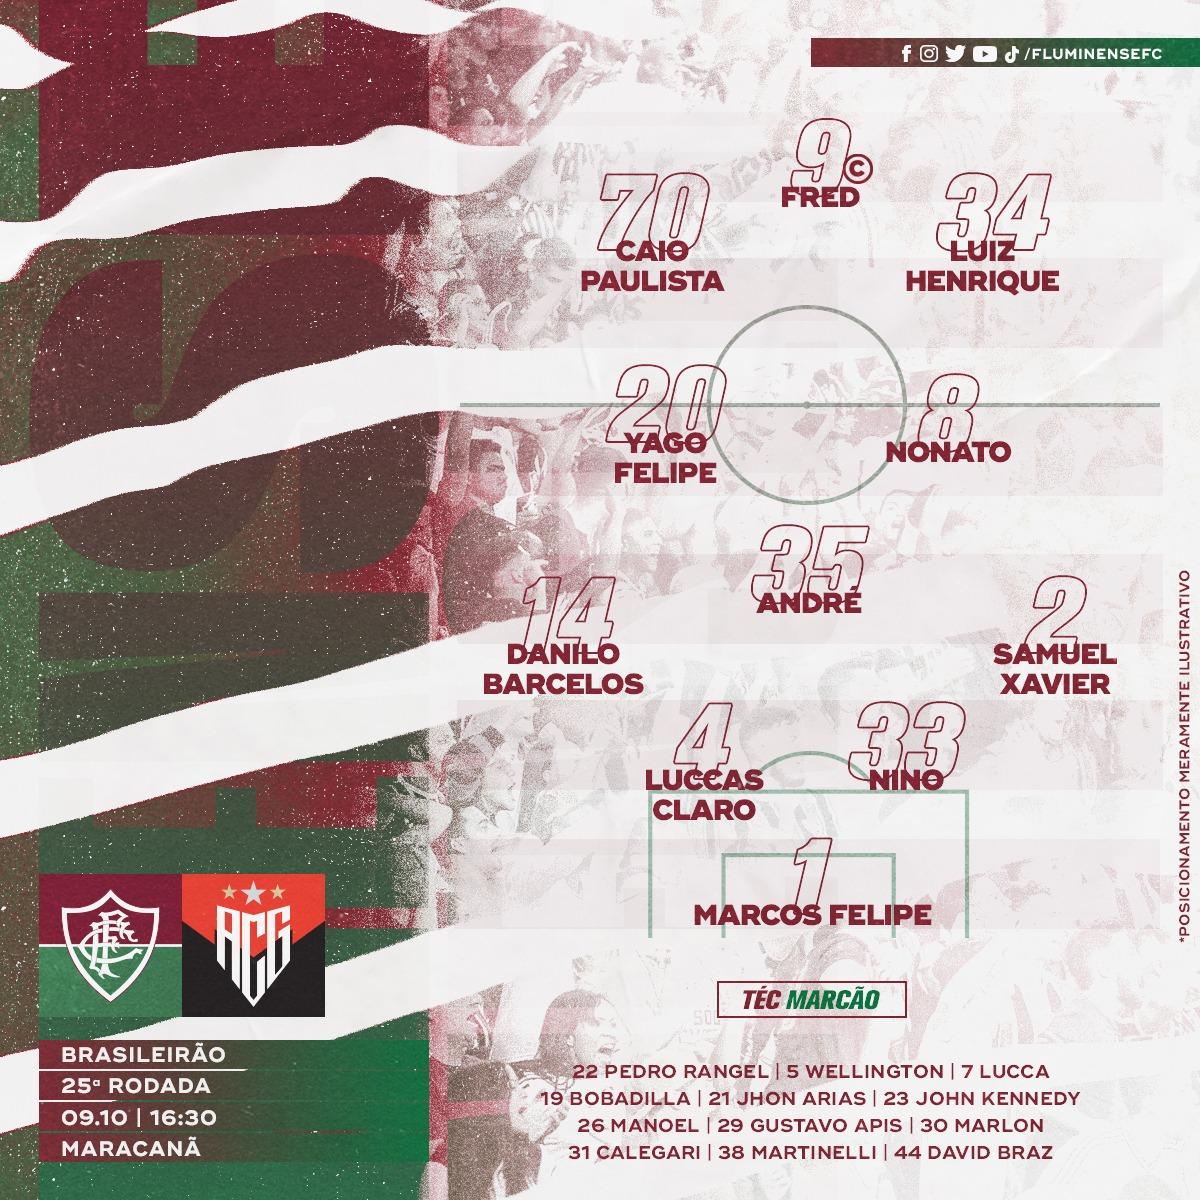 Fluminense escalado para pegar o Atlético-GO pelo Campeonato Brasileiro